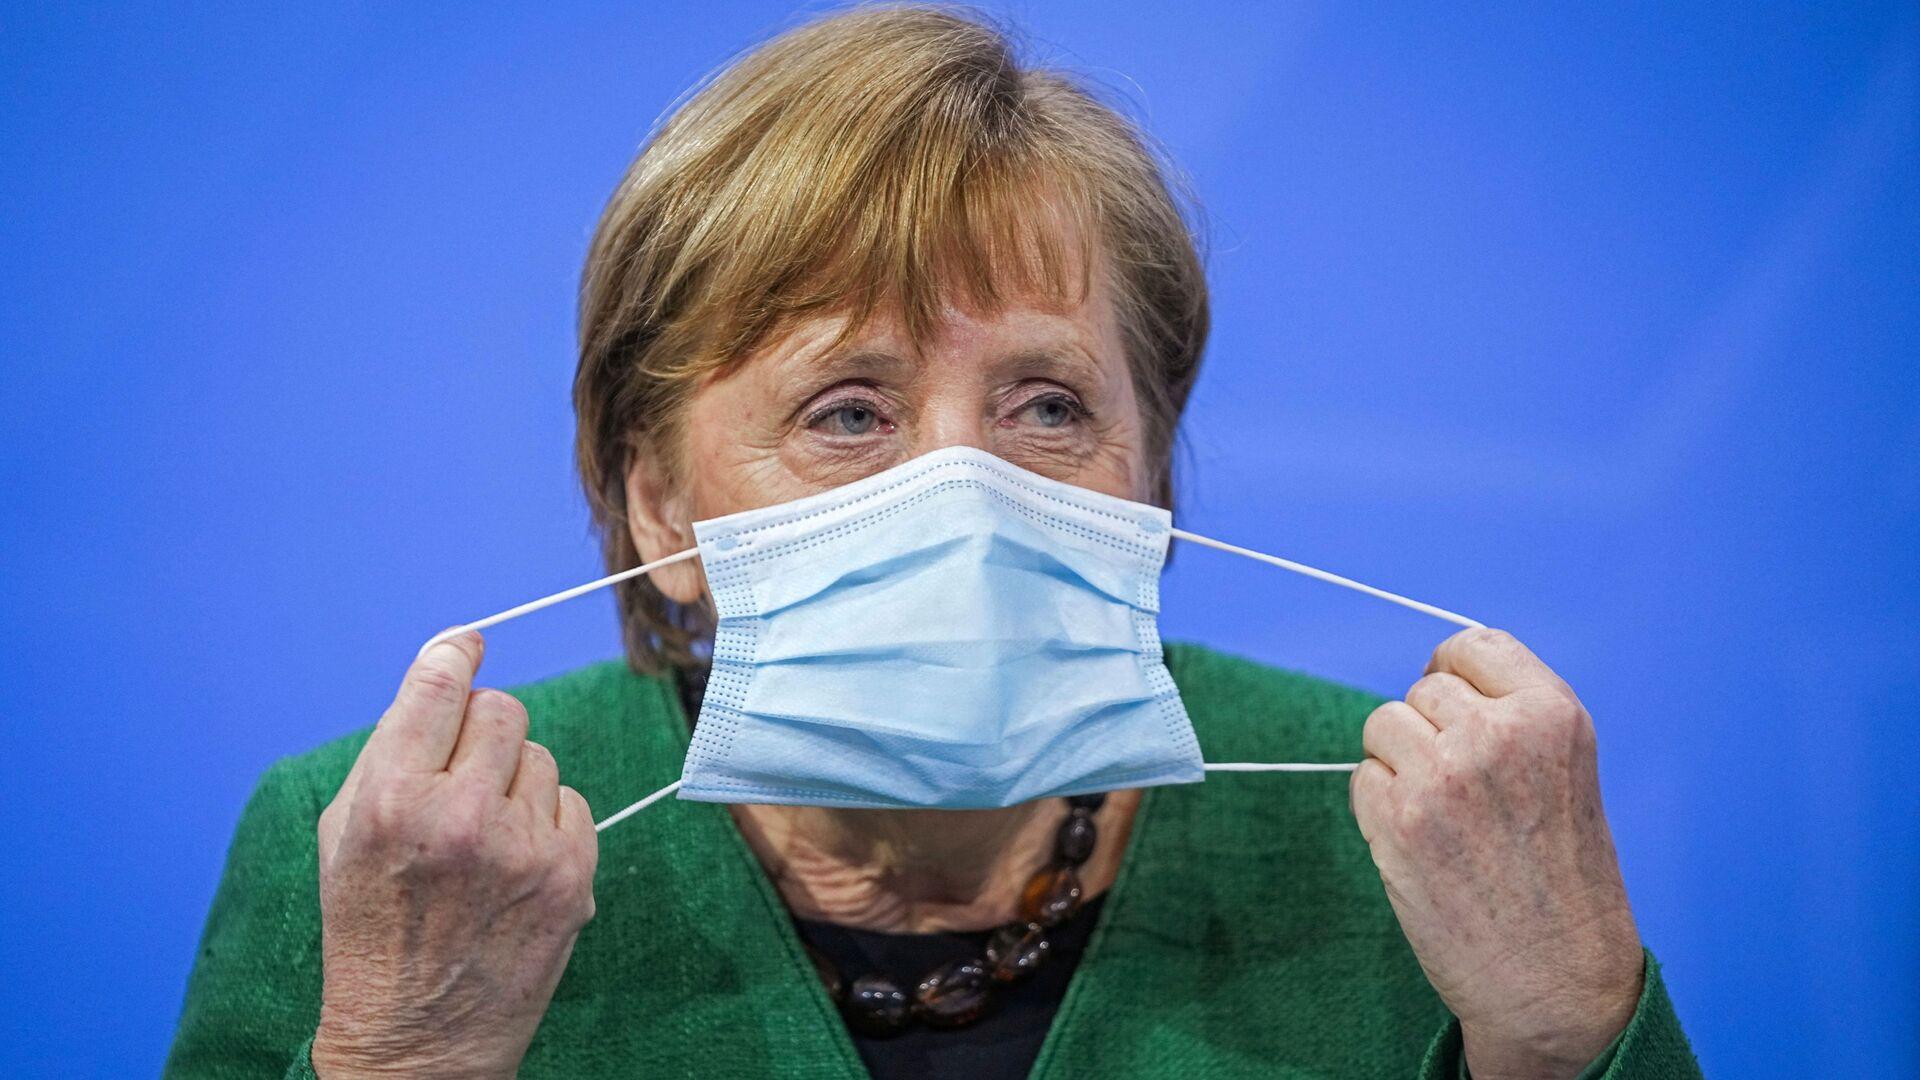 Kanclerz Niemiec Angela Merkel na konferencji prasowej w Niemczech - Sputnik Polska, 1920, 26.04.2021